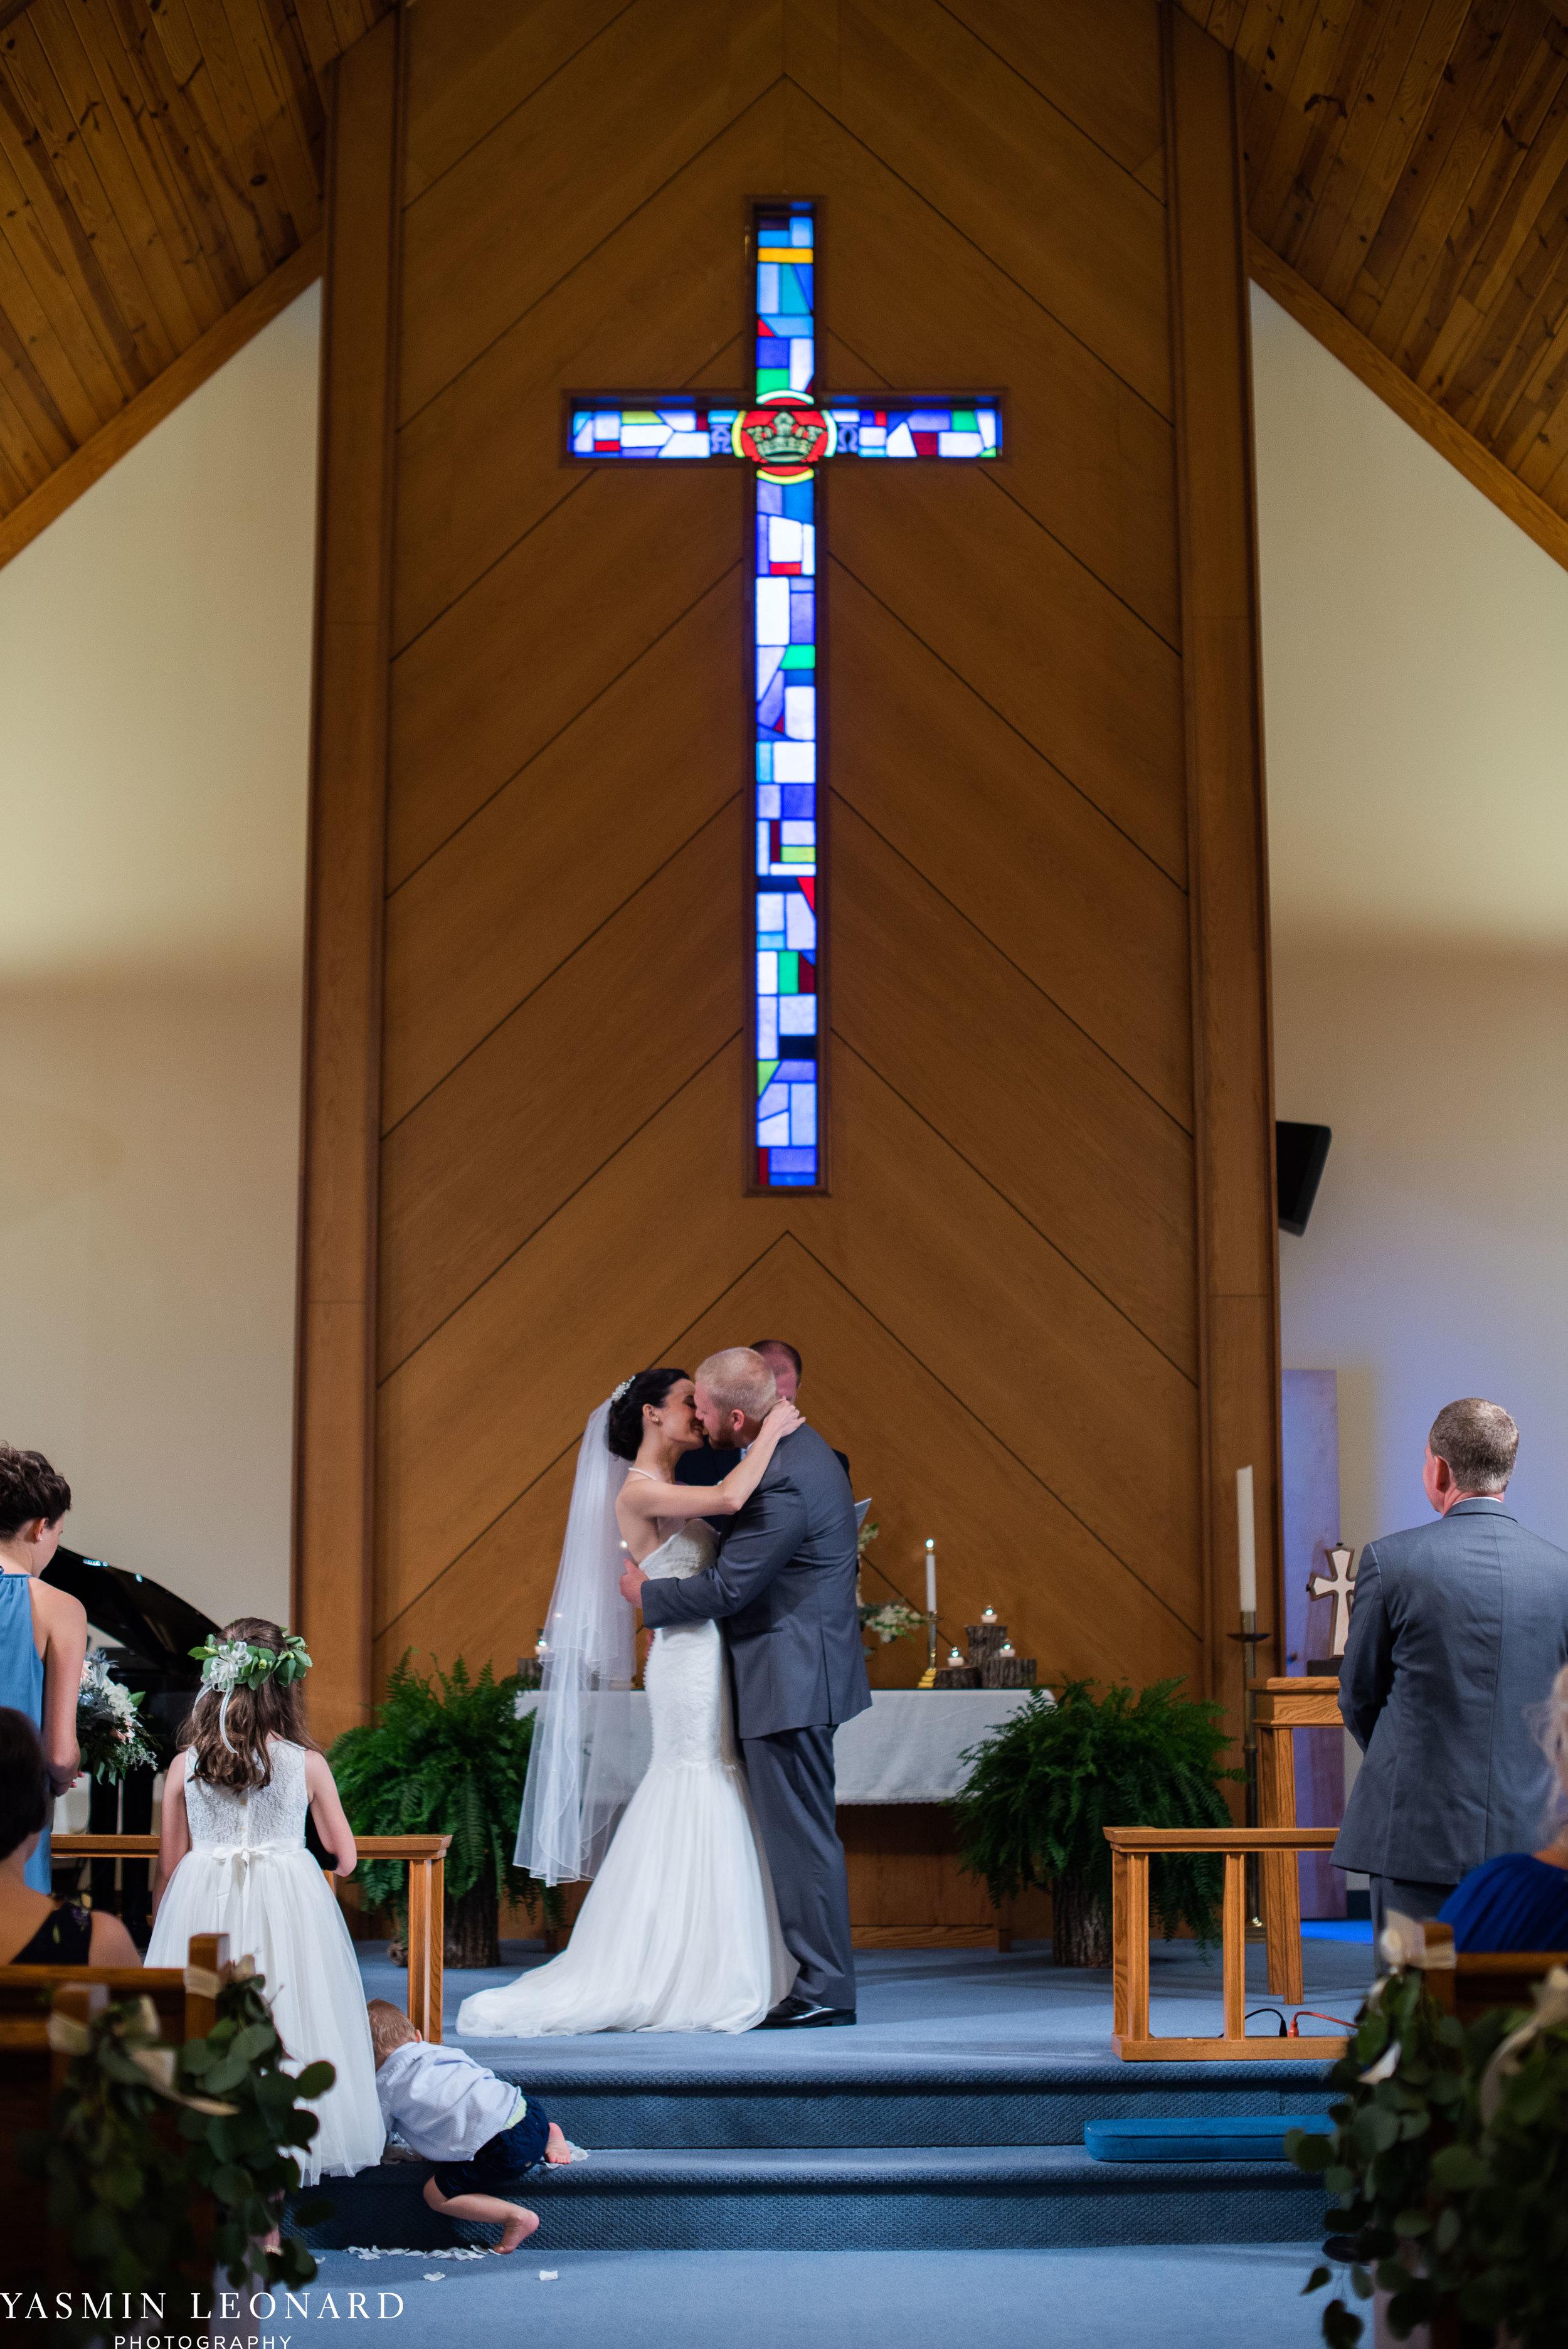 Mt. Pleasant Church - Church Wedding - Traditional Wedding - Church Ceremony - Country Wedding - Godly Wedding - NC Wedding Photographer - High Point Weddings - Triad Weddings - NC Venues-25.jpg